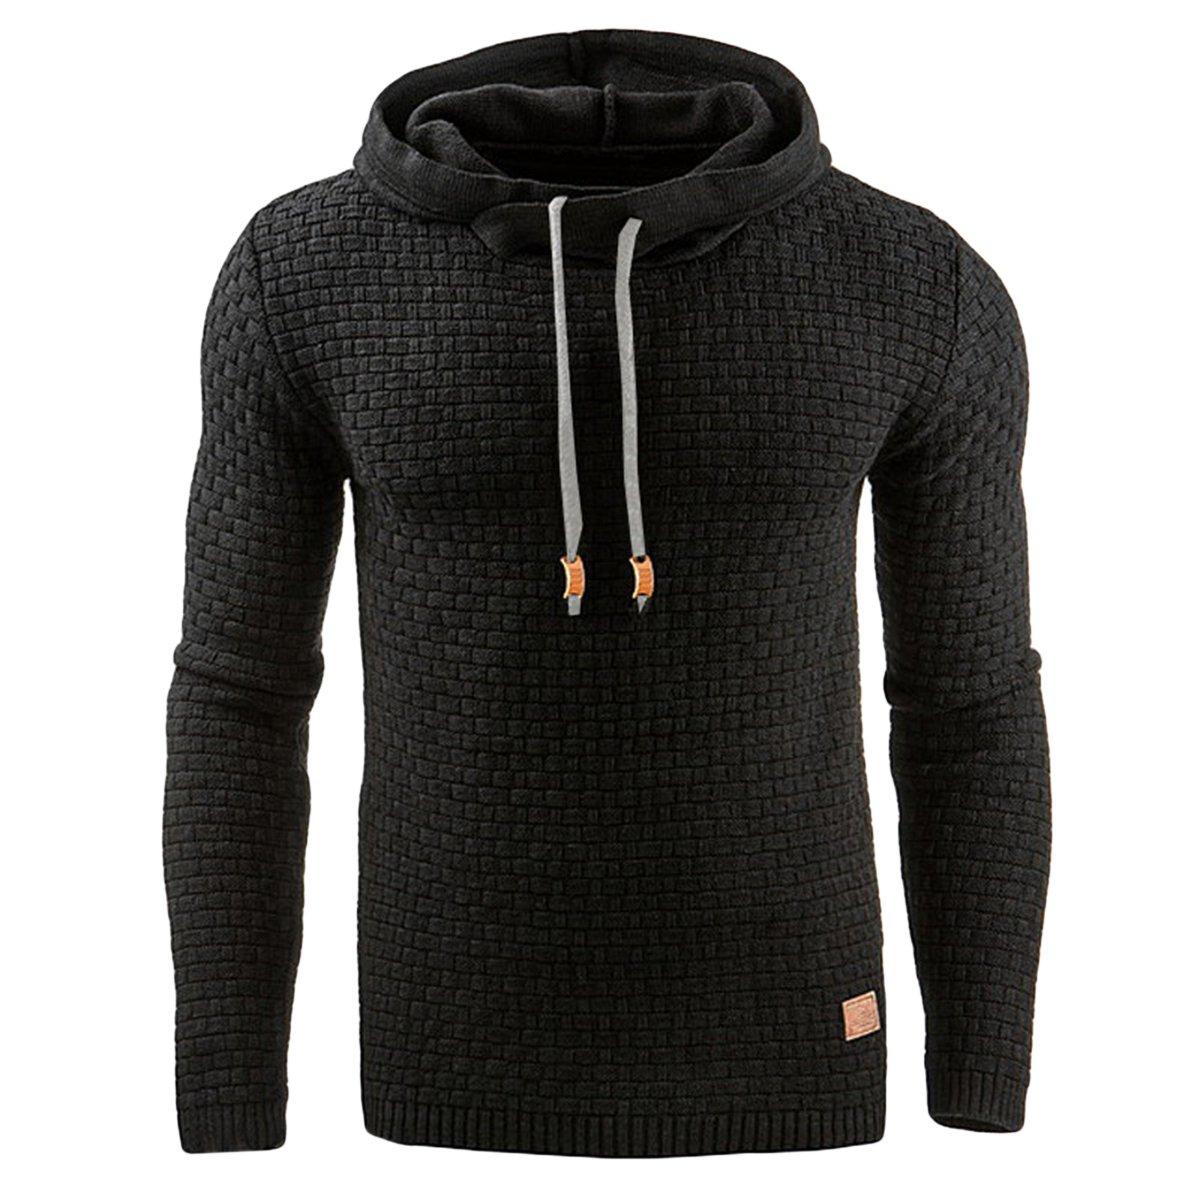 Haseil Mens Longsleeve Pullover Hoodie Winter Warm Athletic Hooded Sweatshirts